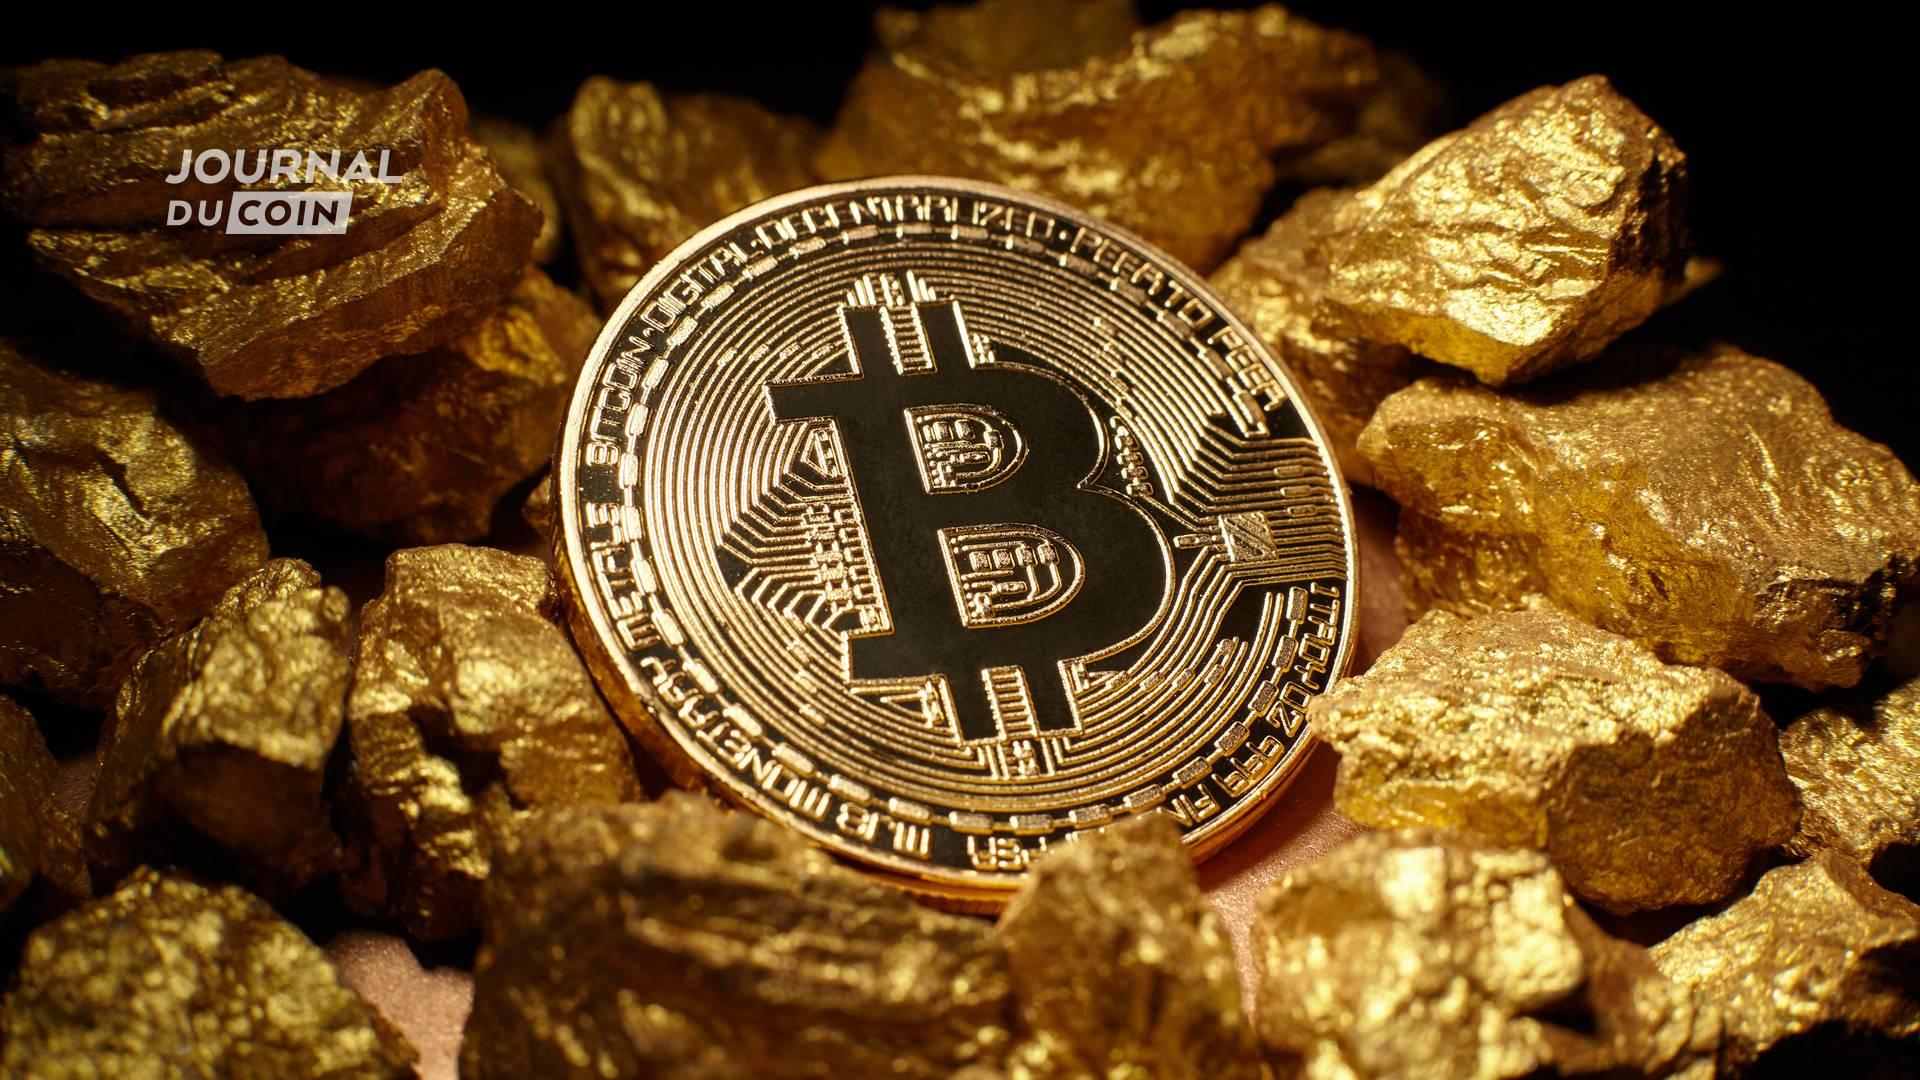 Le bitcoin, plus demandé par les russes fortunés que l'or ? Une drôle d'étude sème le doute